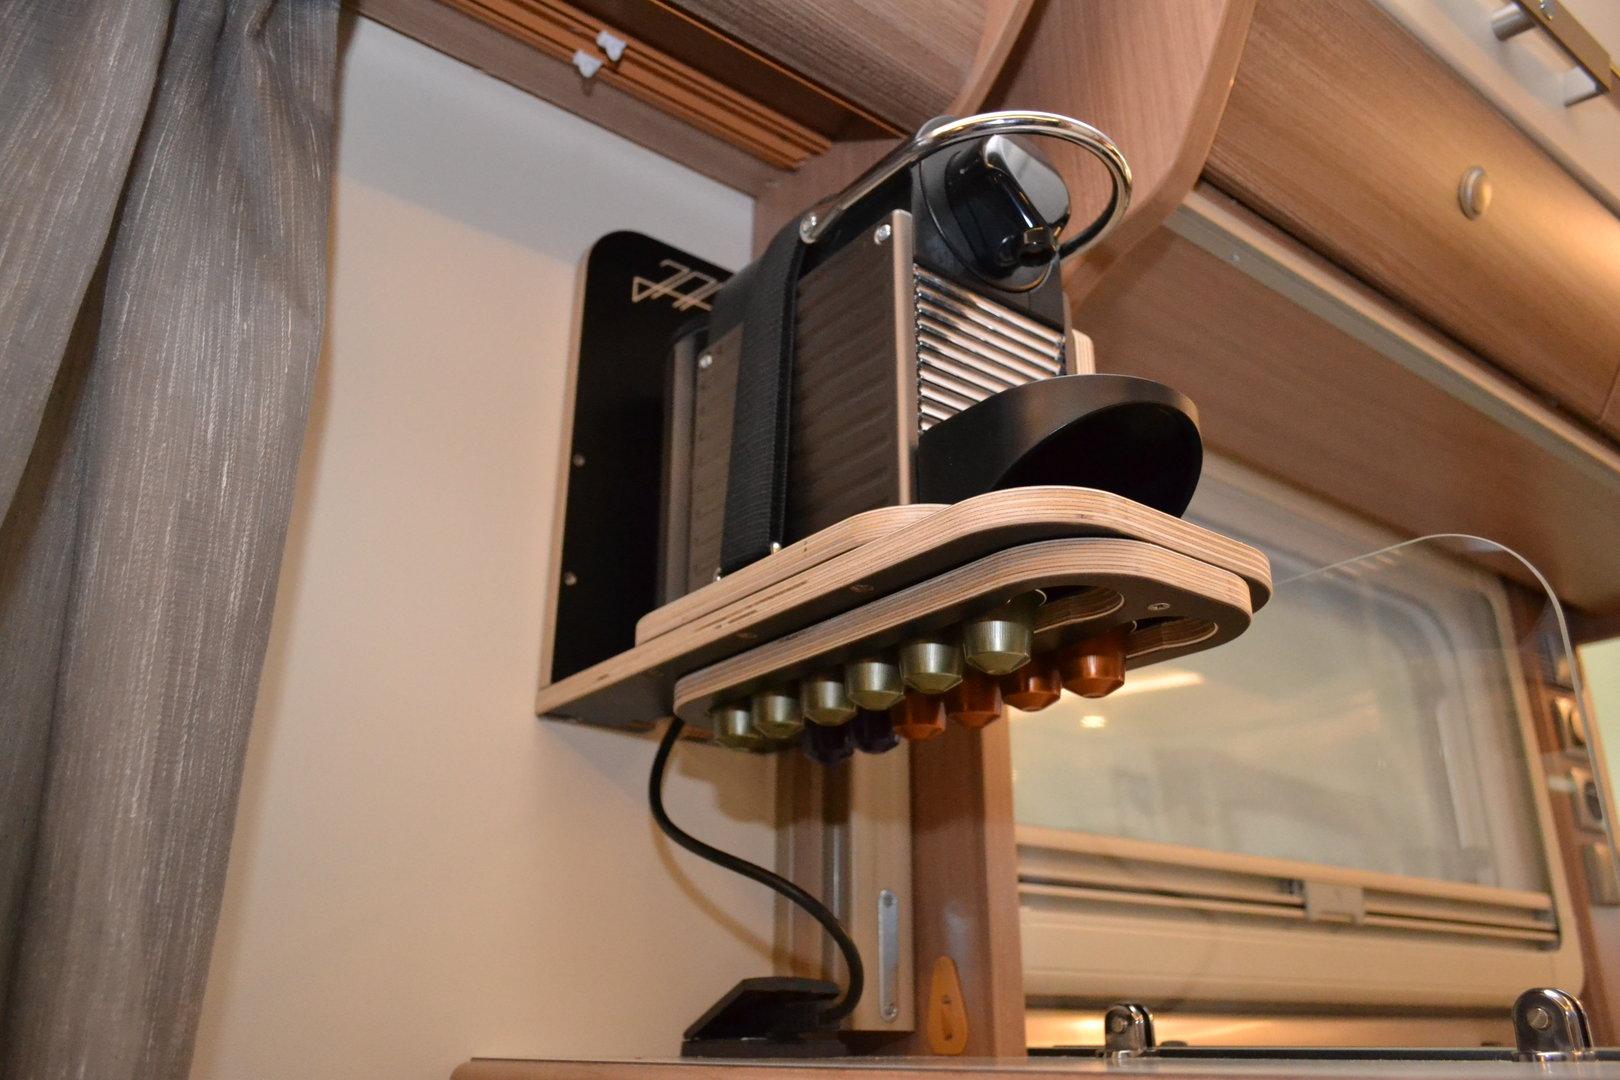 einbau halterung nespresso kaffee maschine airoccino. Black Bedroom Furniture Sets. Home Design Ideas